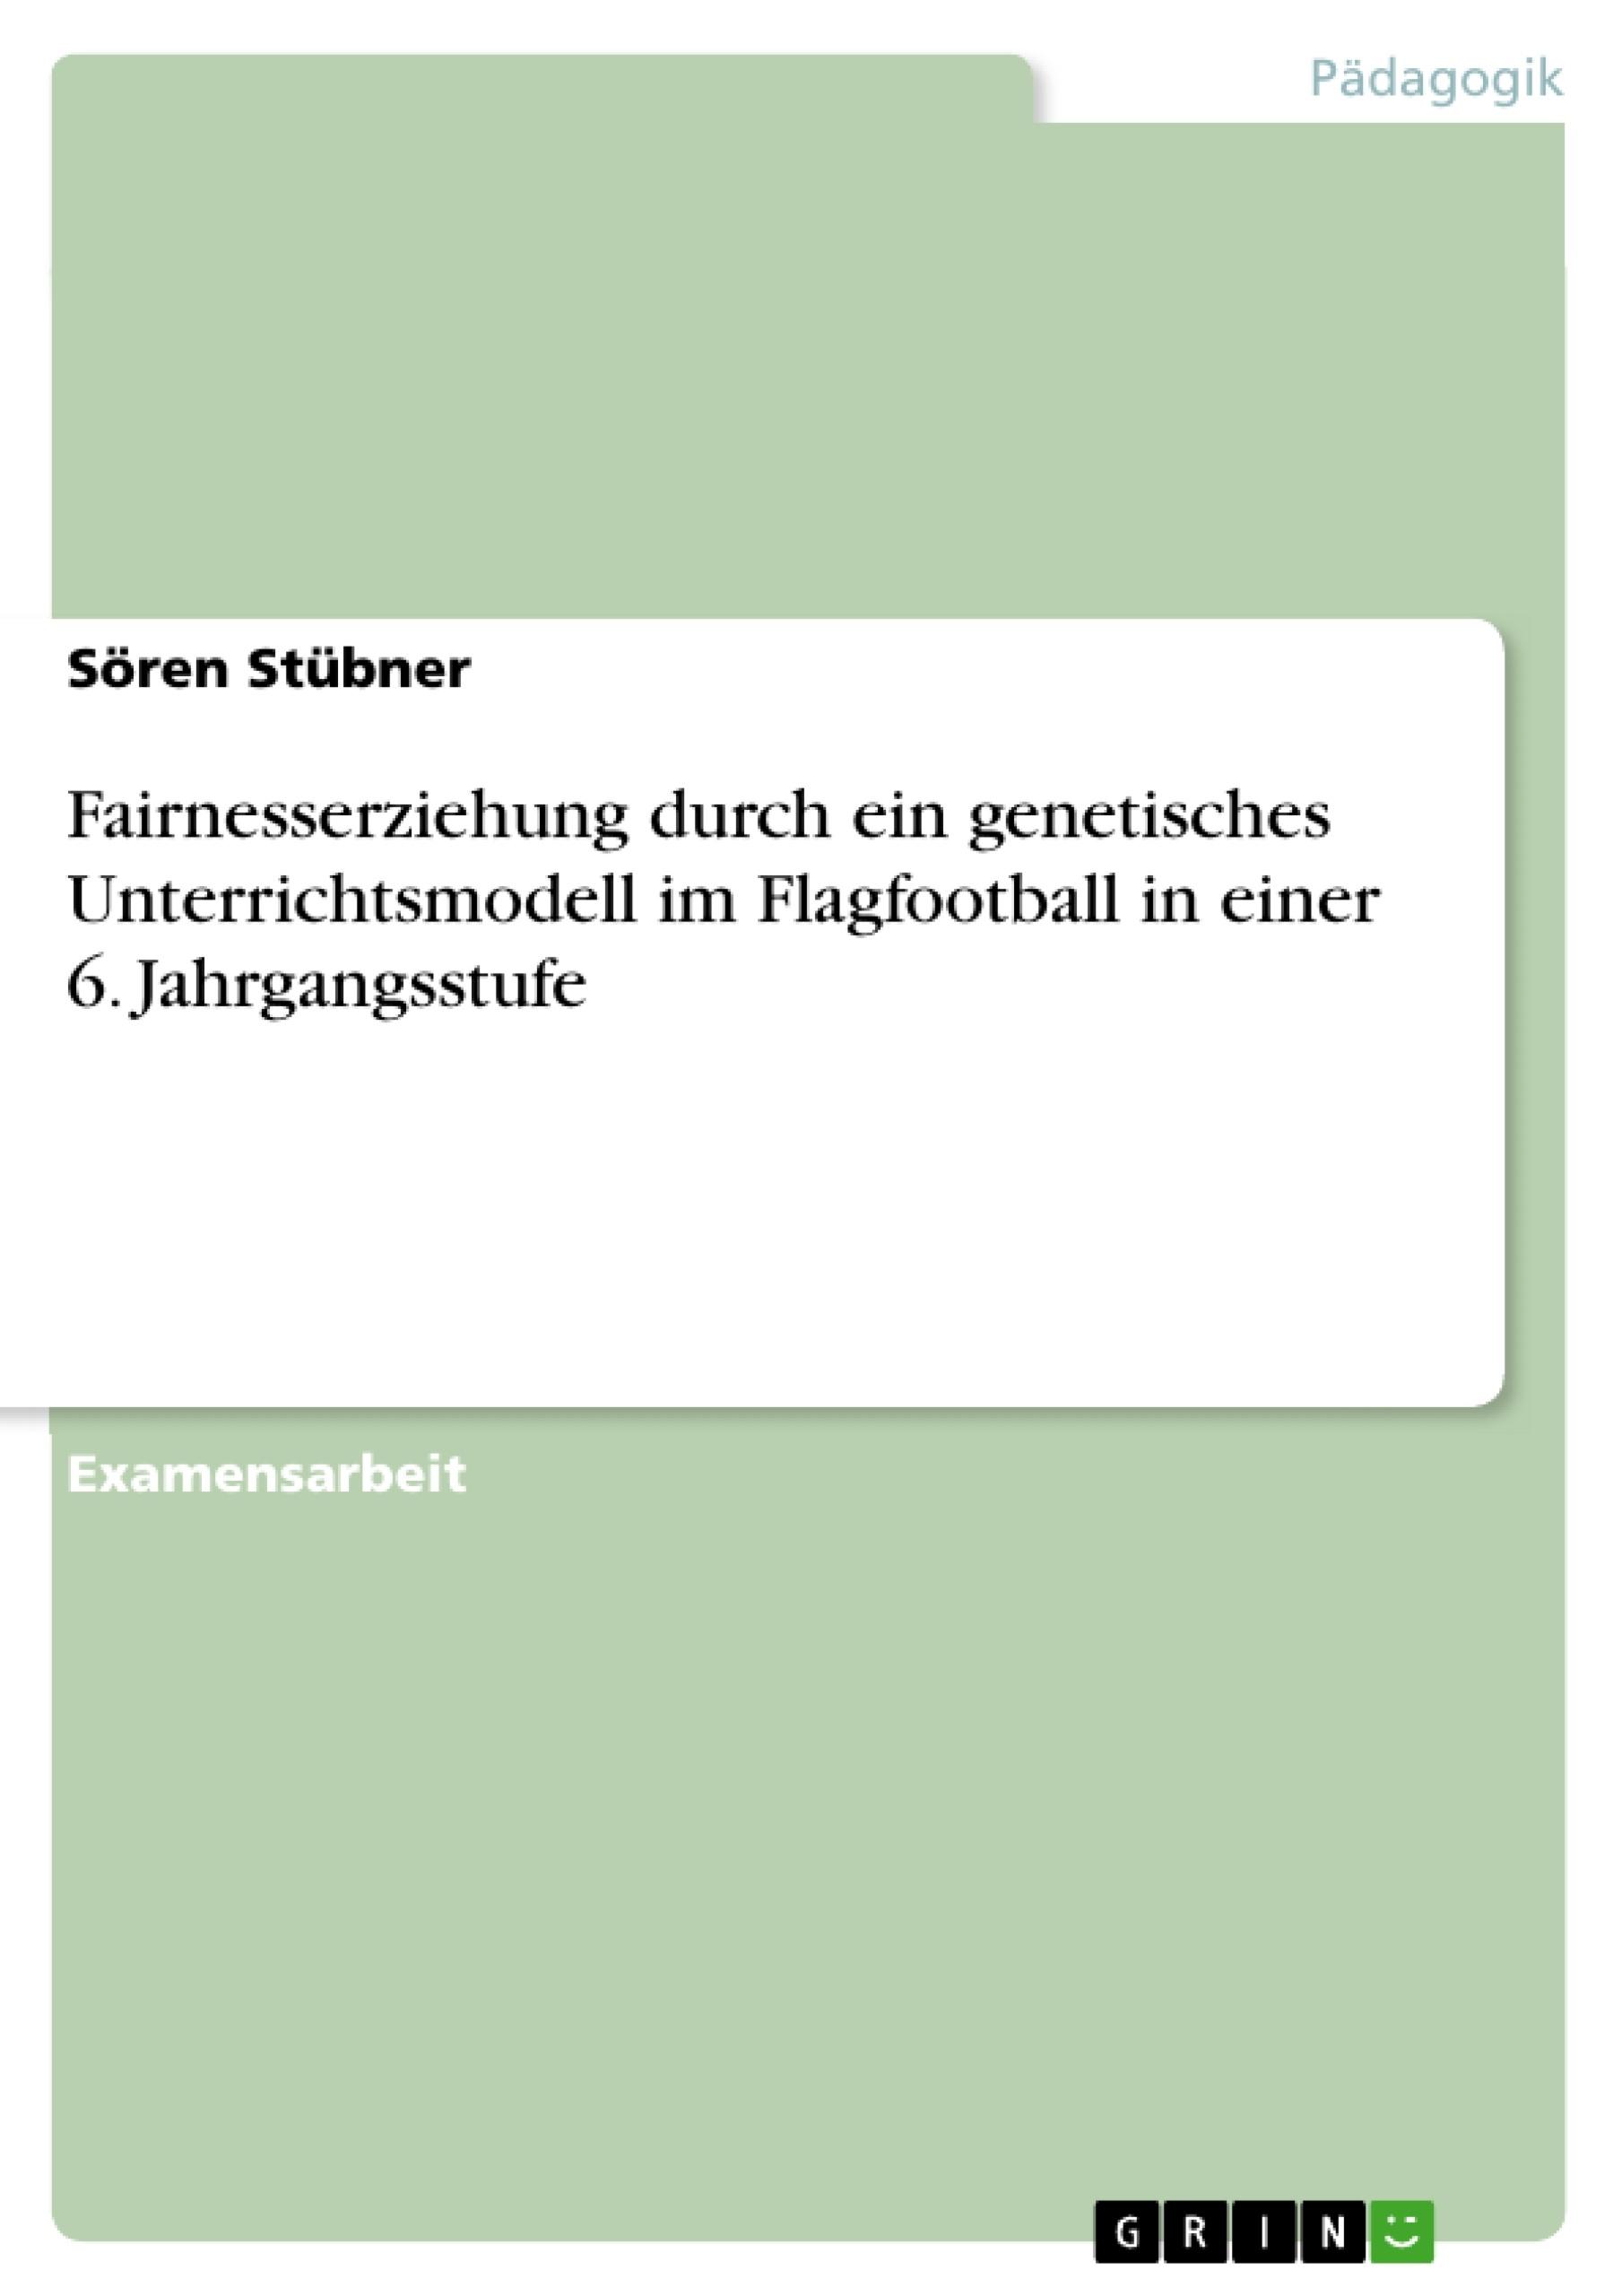 Titel: Fairnesserziehung durch ein genetisches Unterrichtsmodell im Flagfootball in einer 6. Jahrgangsstufe